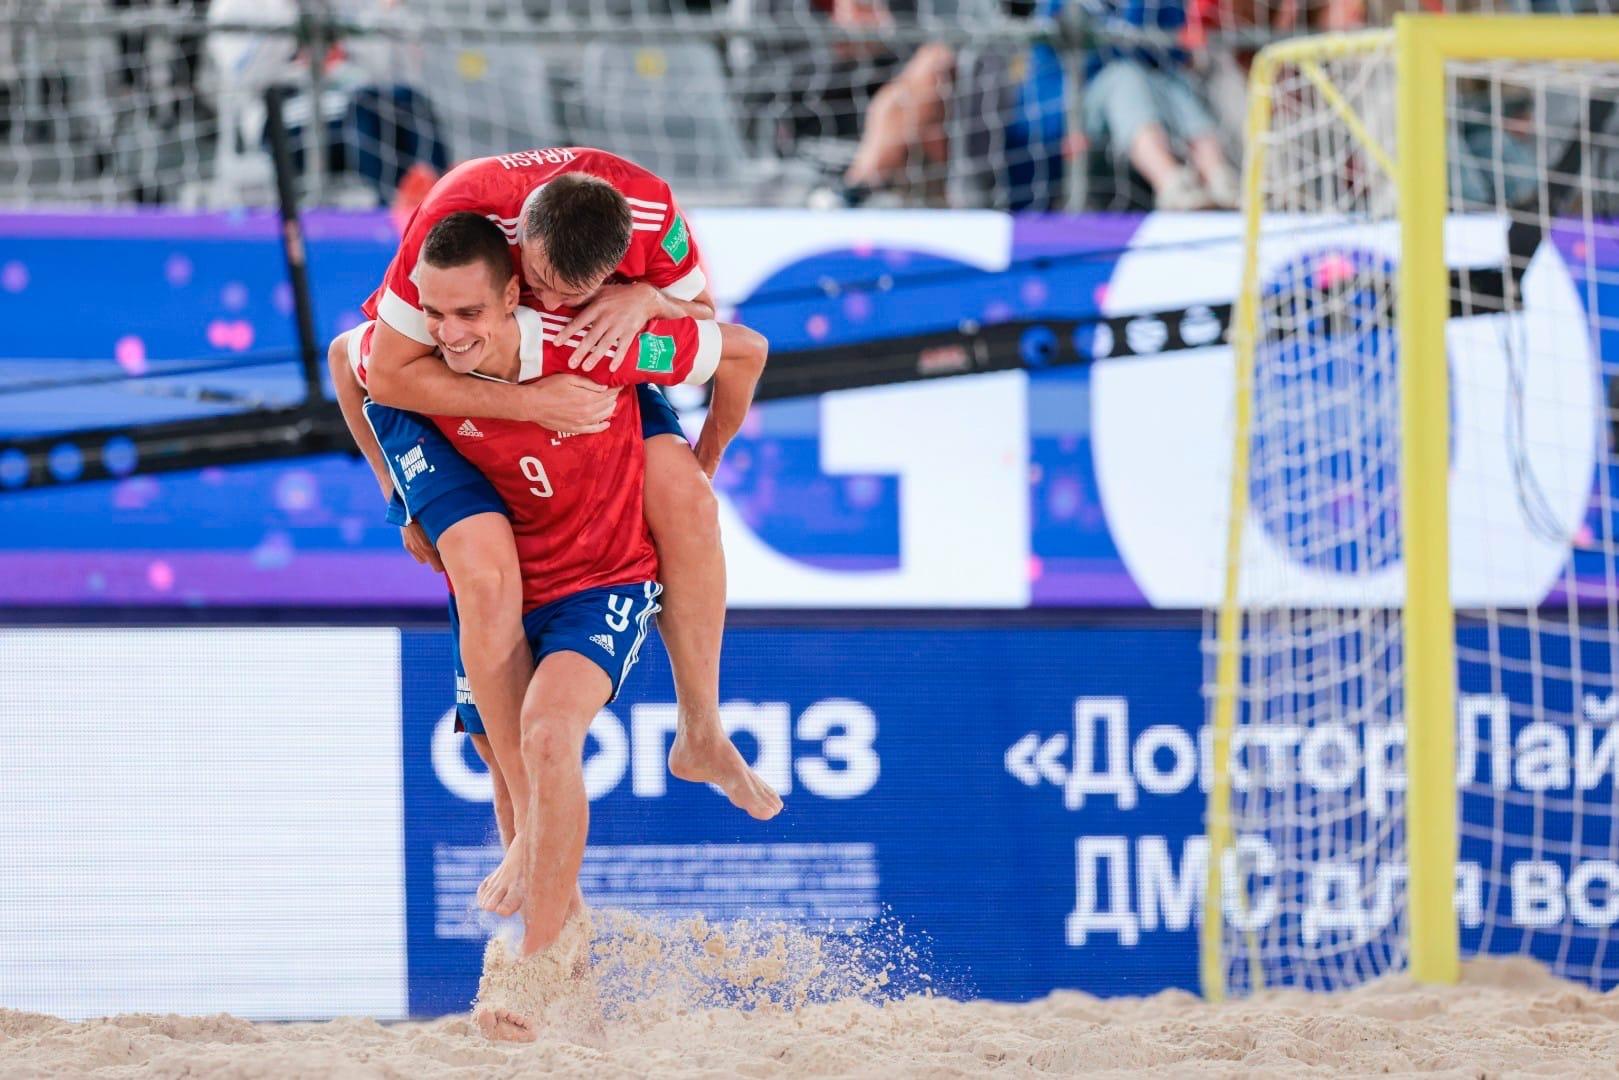 Ярославец Борис Никоноров в составе сборной России по пляжному футболу готовится к 3 матчу на Чемпионате мира